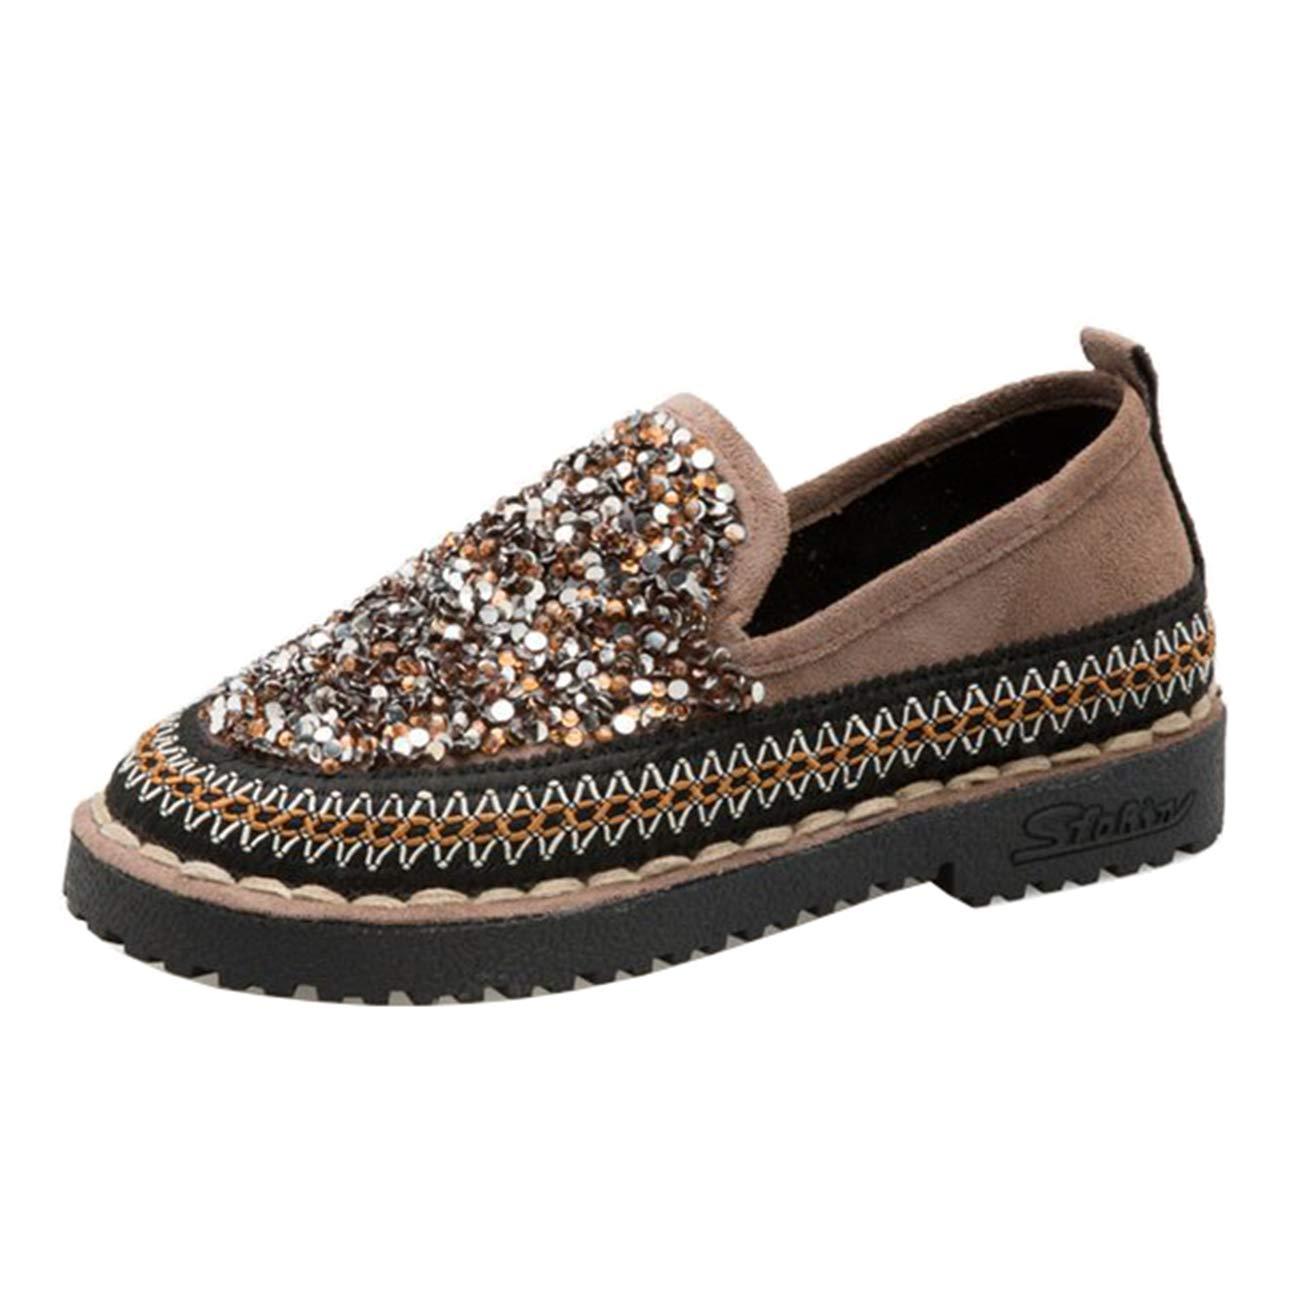 Mashiaoyi Womens Casual Flat Diamond Loafers